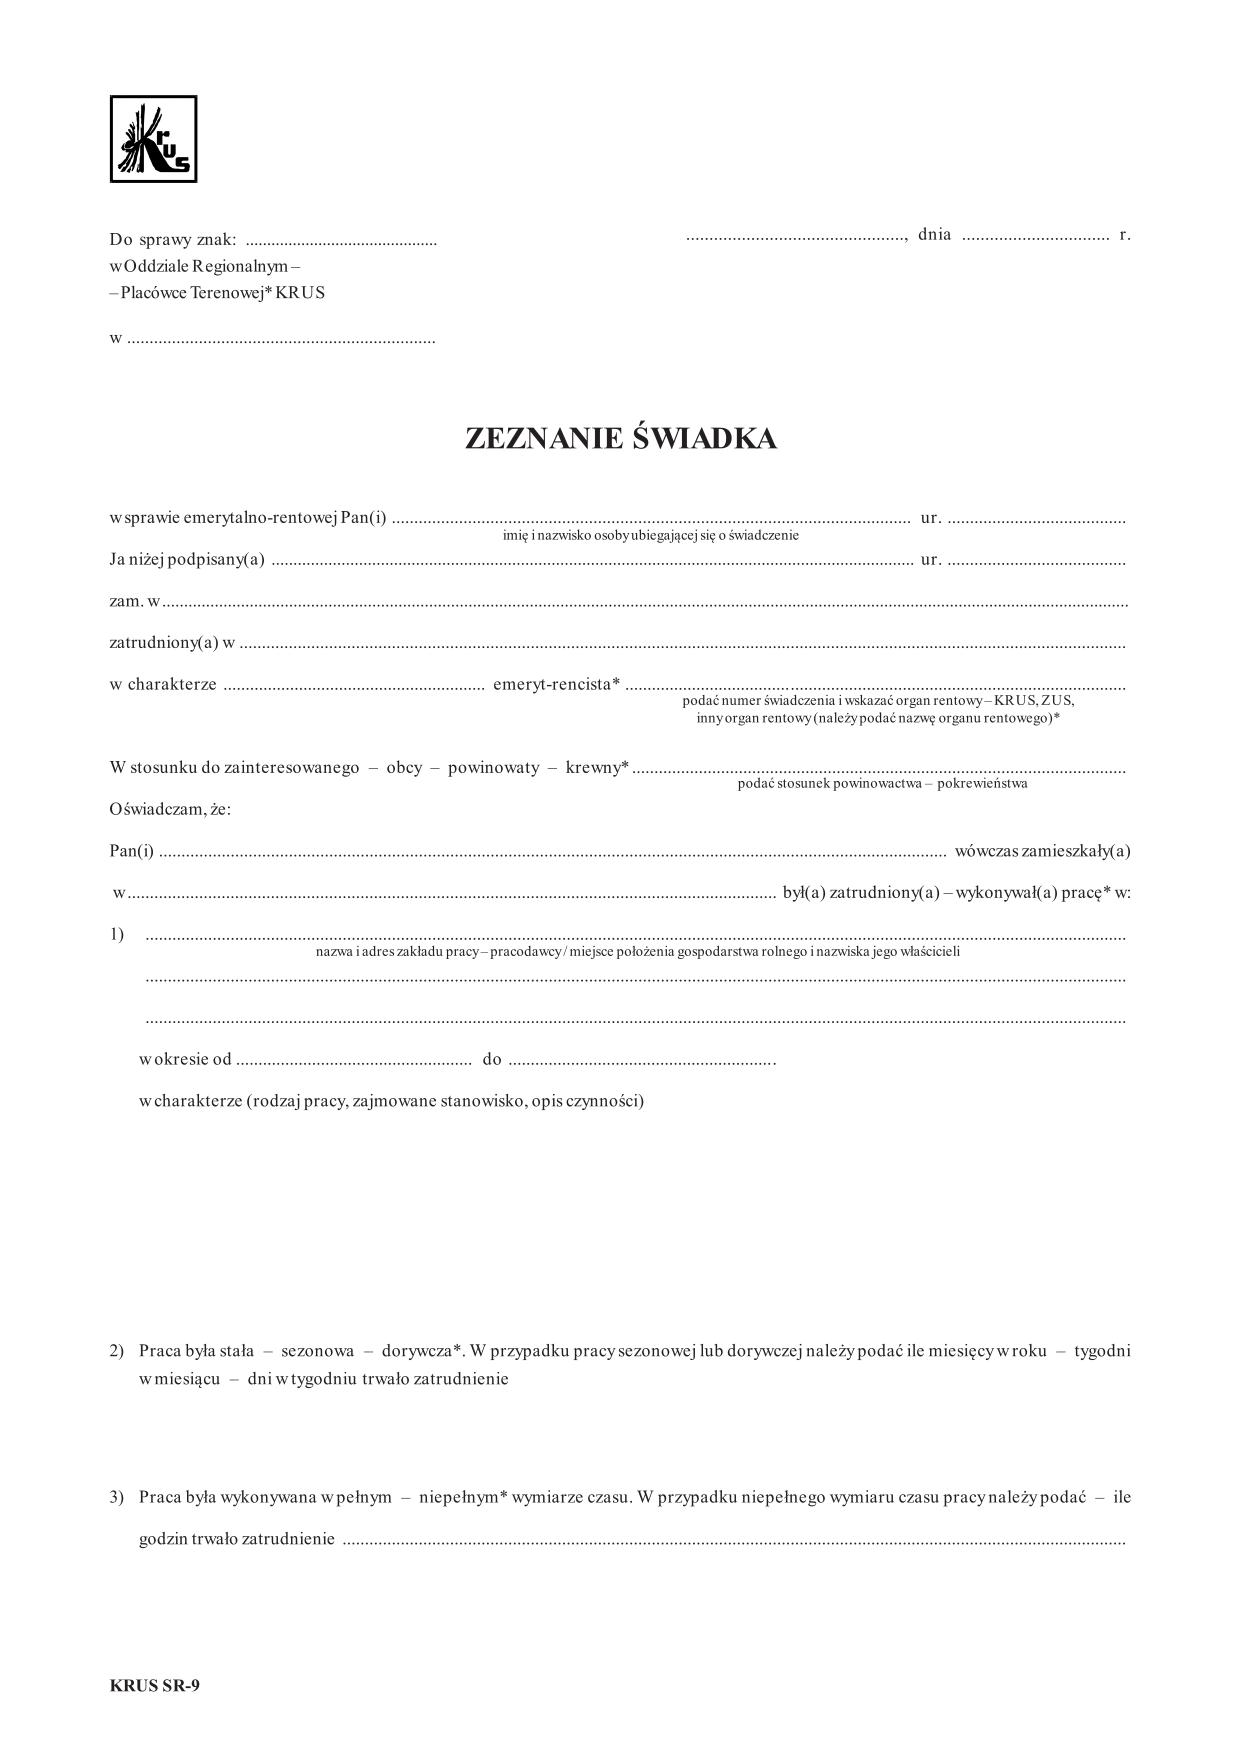 KRUS SR-9 Zeznanie świadka